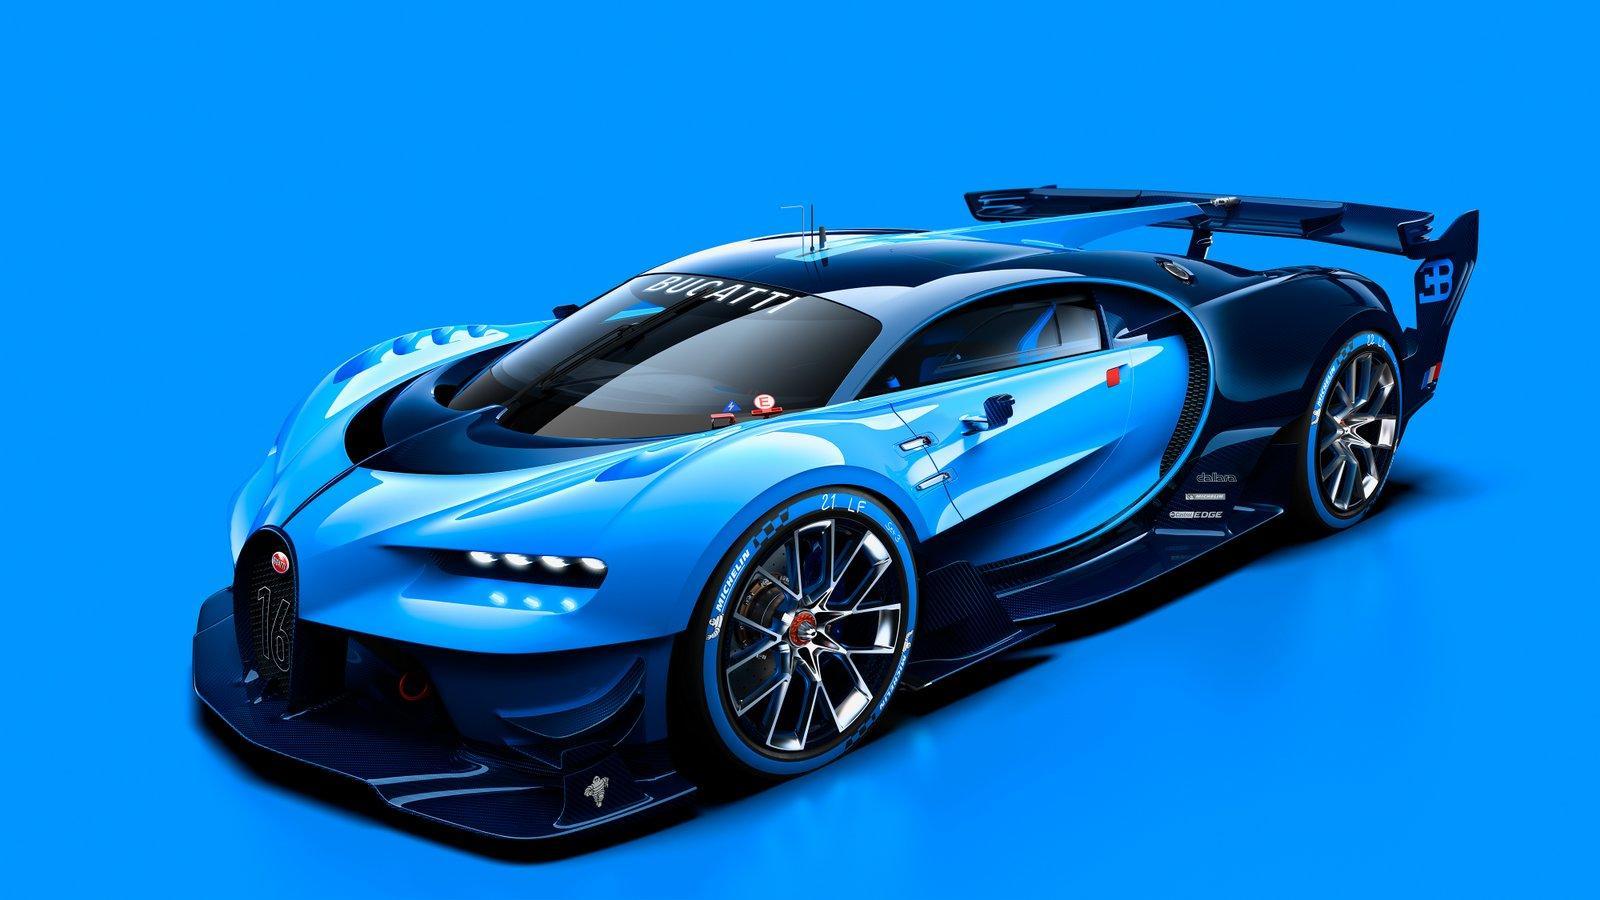 2015 Bugatti Vision Gran Turismo Concept (25)